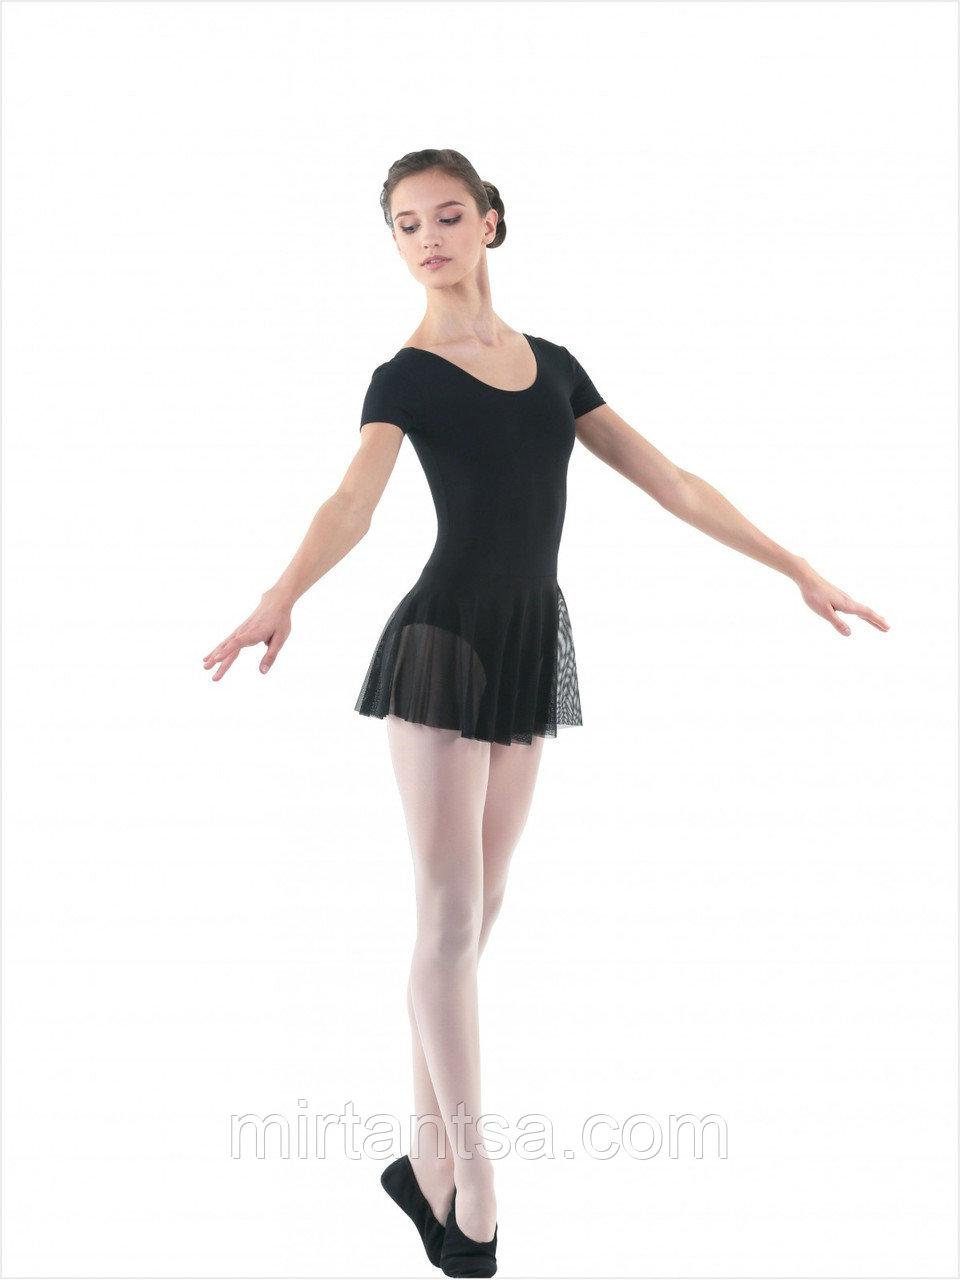 FD961 Купальник для хореографии и танцев белый /черный 36 размер